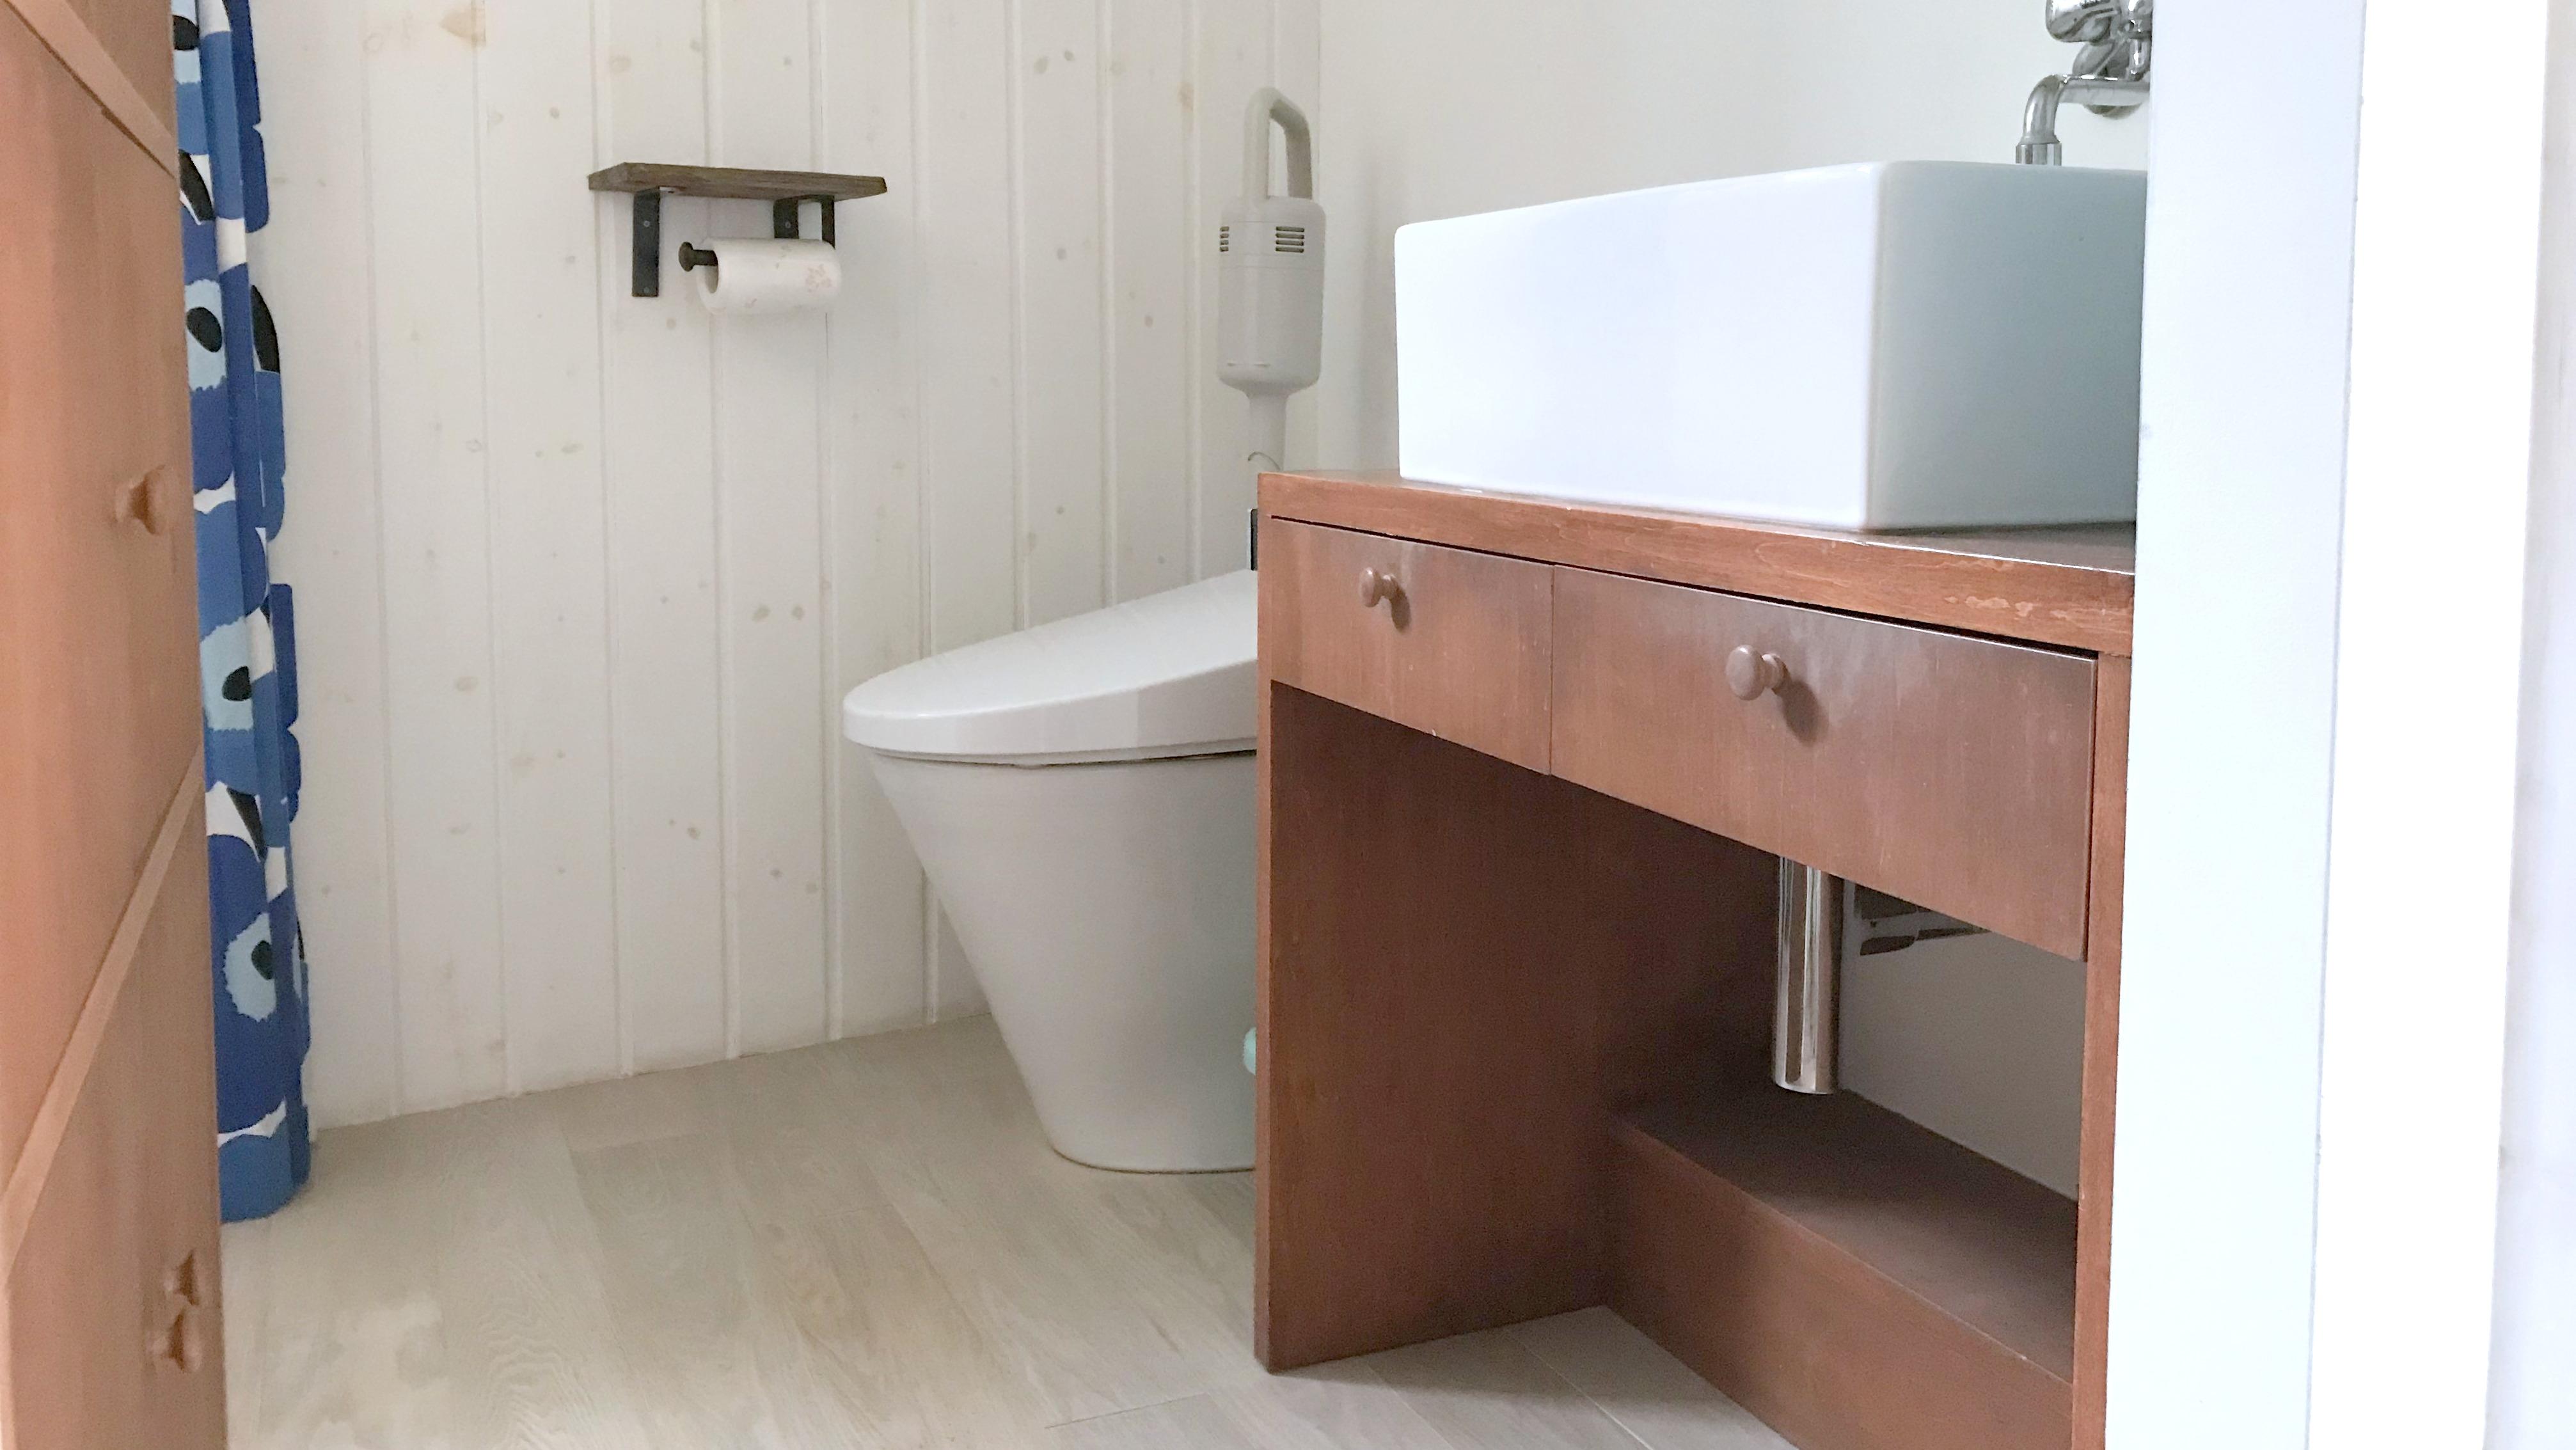 トイレは個室派、オープン派?① オープンにすることで小さな家でも広く使える間取りのすすめ